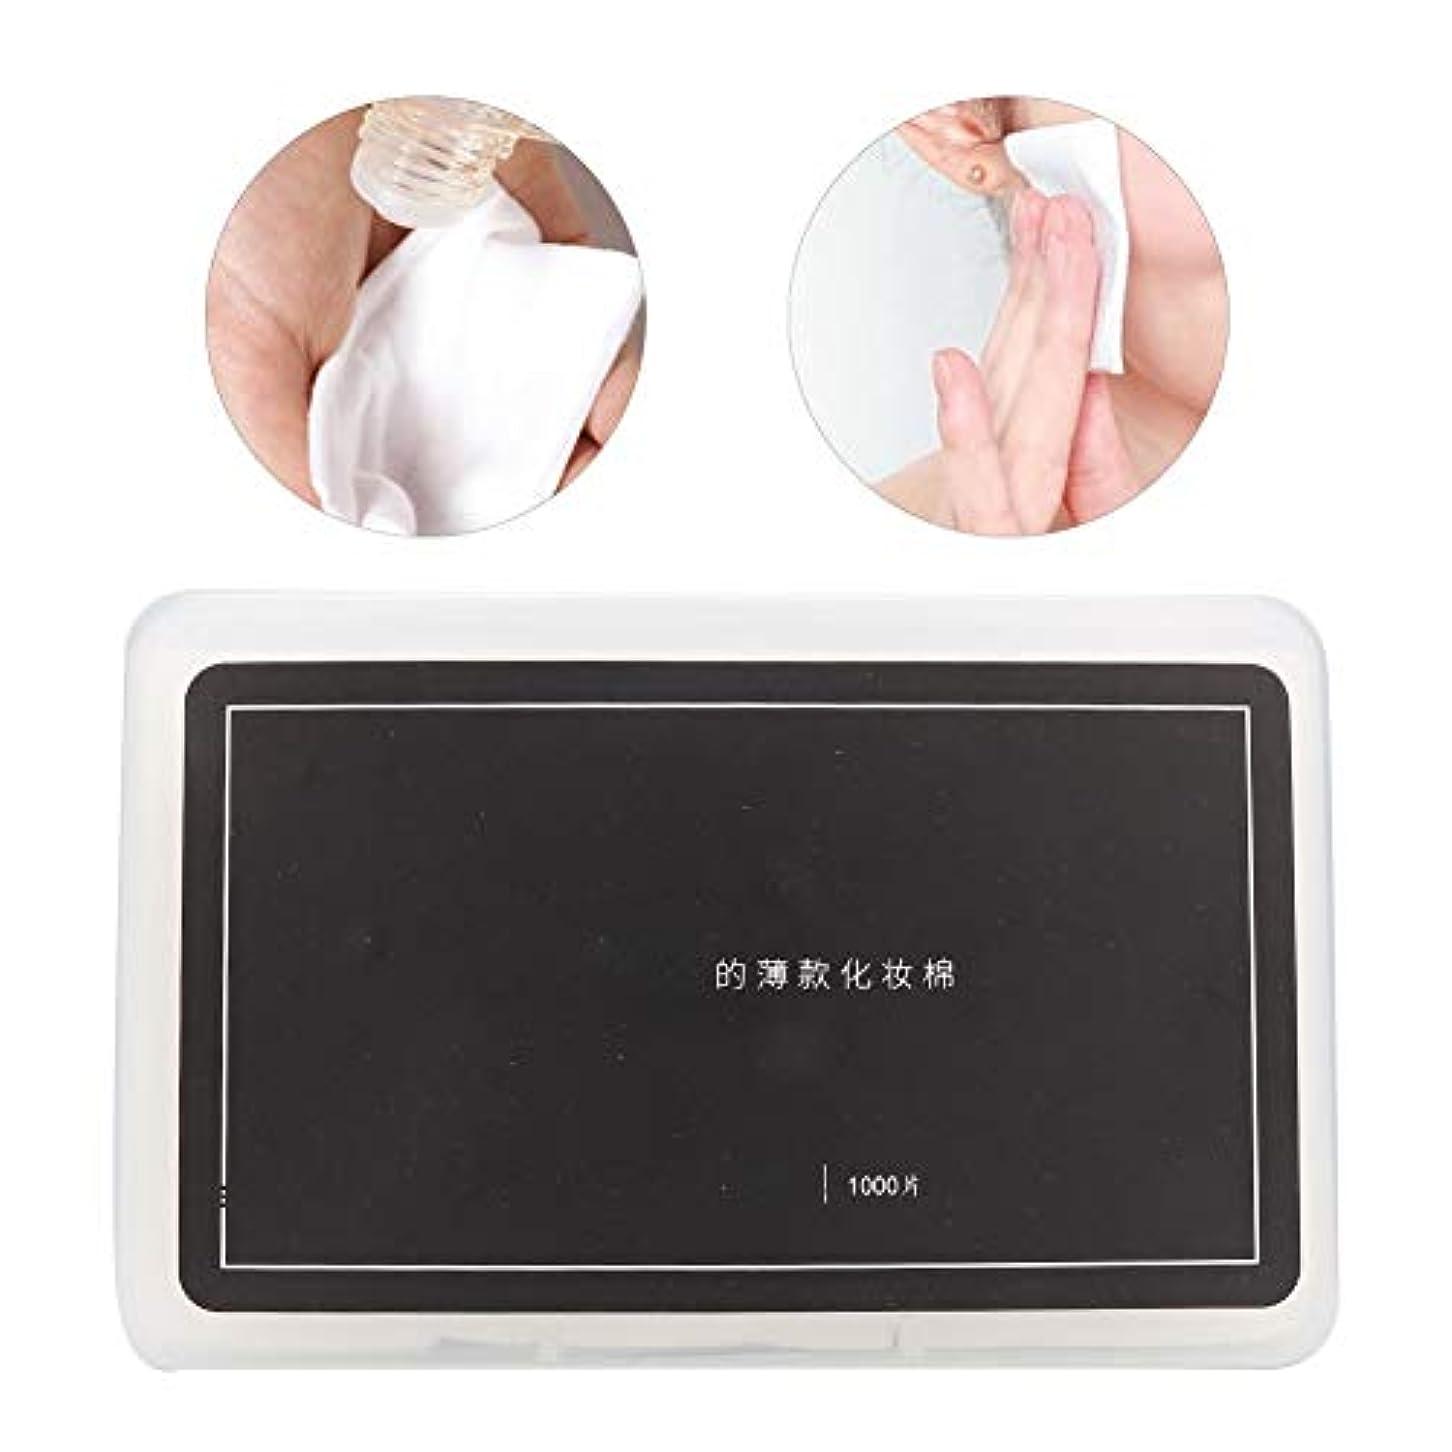 振幅韓国ベンチャー1000Pcs化粧コットンパッド、化粧落としネイルケア肌のためのボックスパッケージが付いている柔らかく穏やかな引き裂き抵抗の綿きれいに、不織布乾いたと濡れたデュアルユースコットン(1)